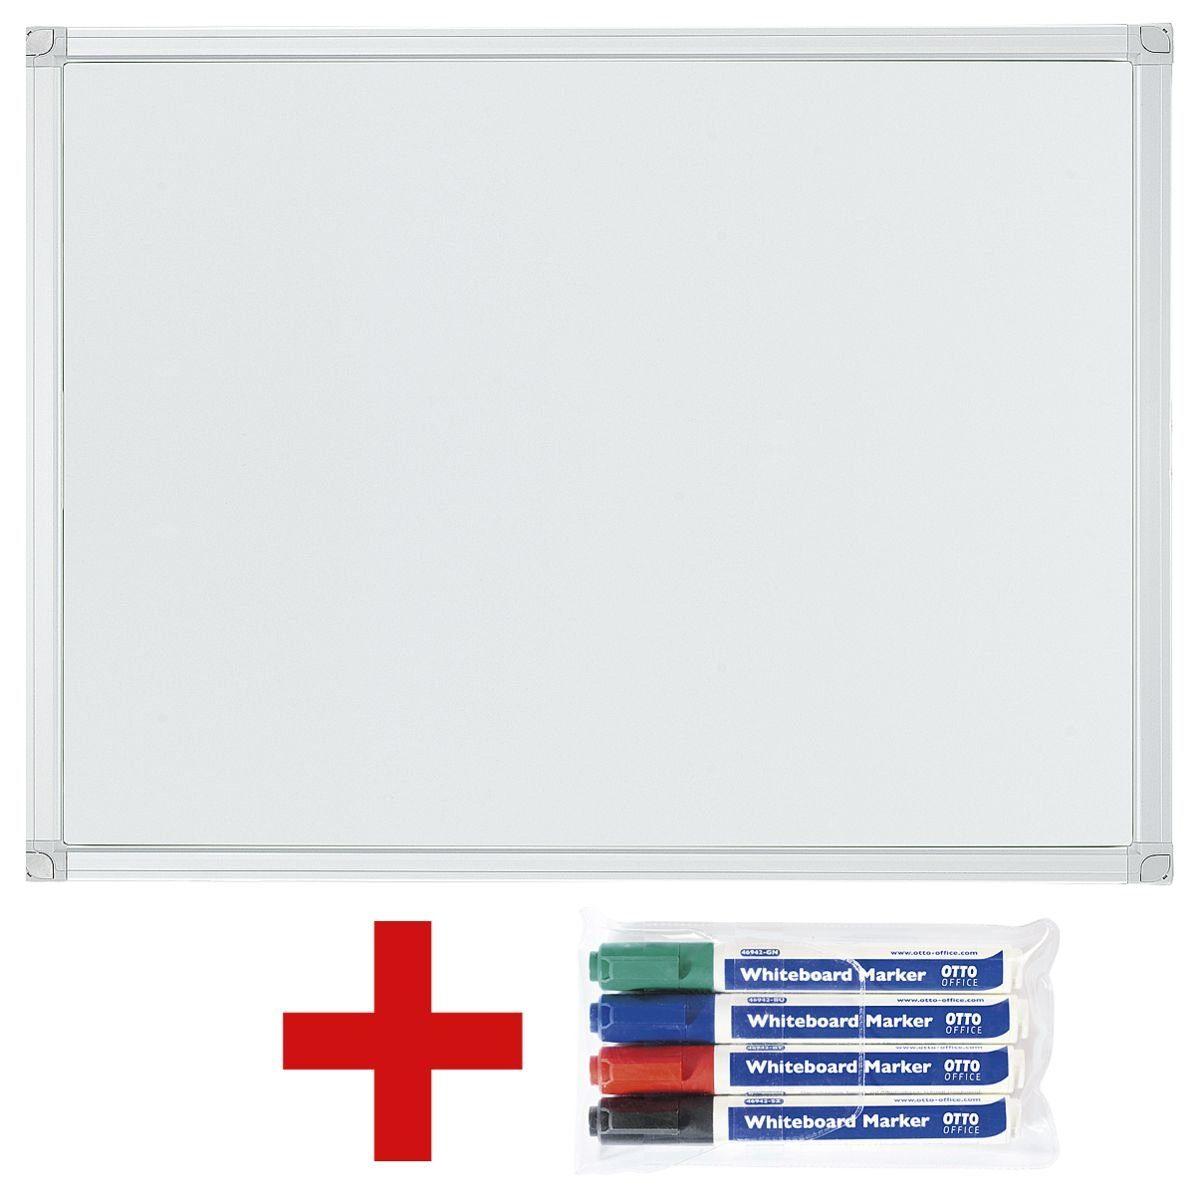 OTTOOFFICE STANDARD Whiteboard / Weißwandtafel inkl. 4er-Pack Whiteboard-Marker 1 Set